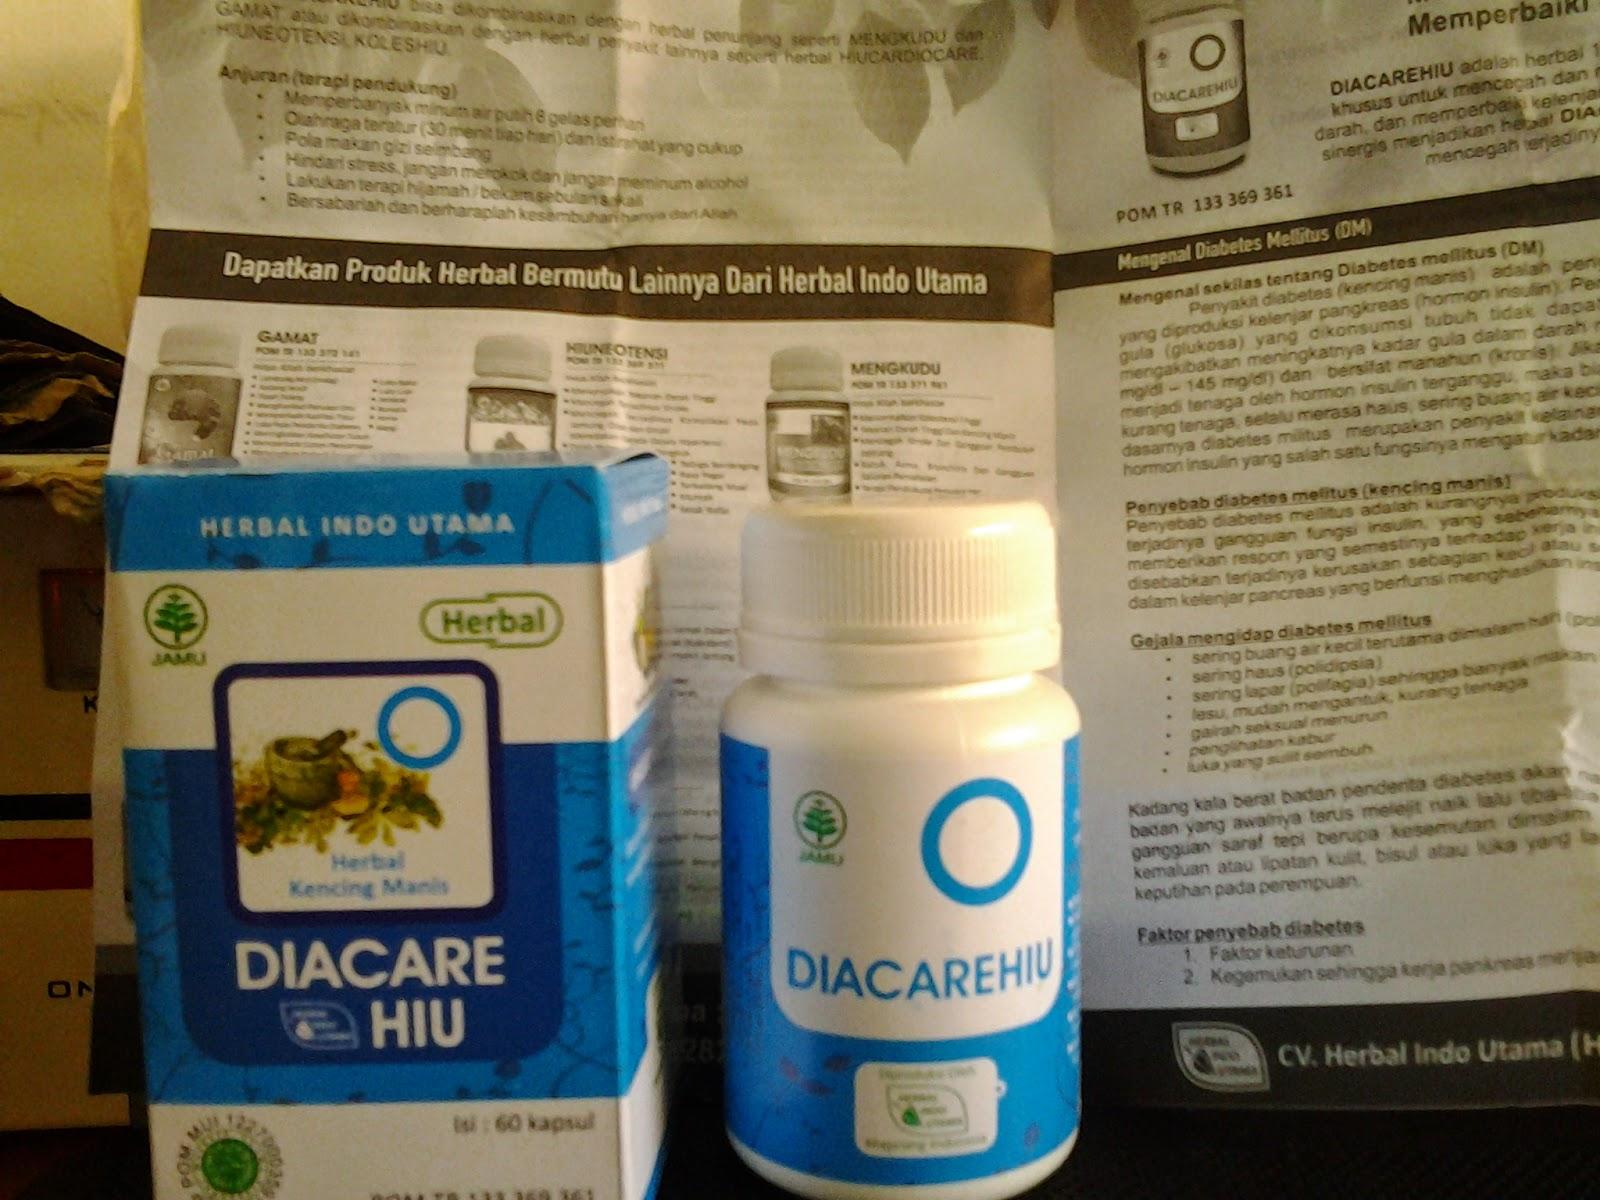 Minum herbal Diacare 3x sehari 3 kapsul